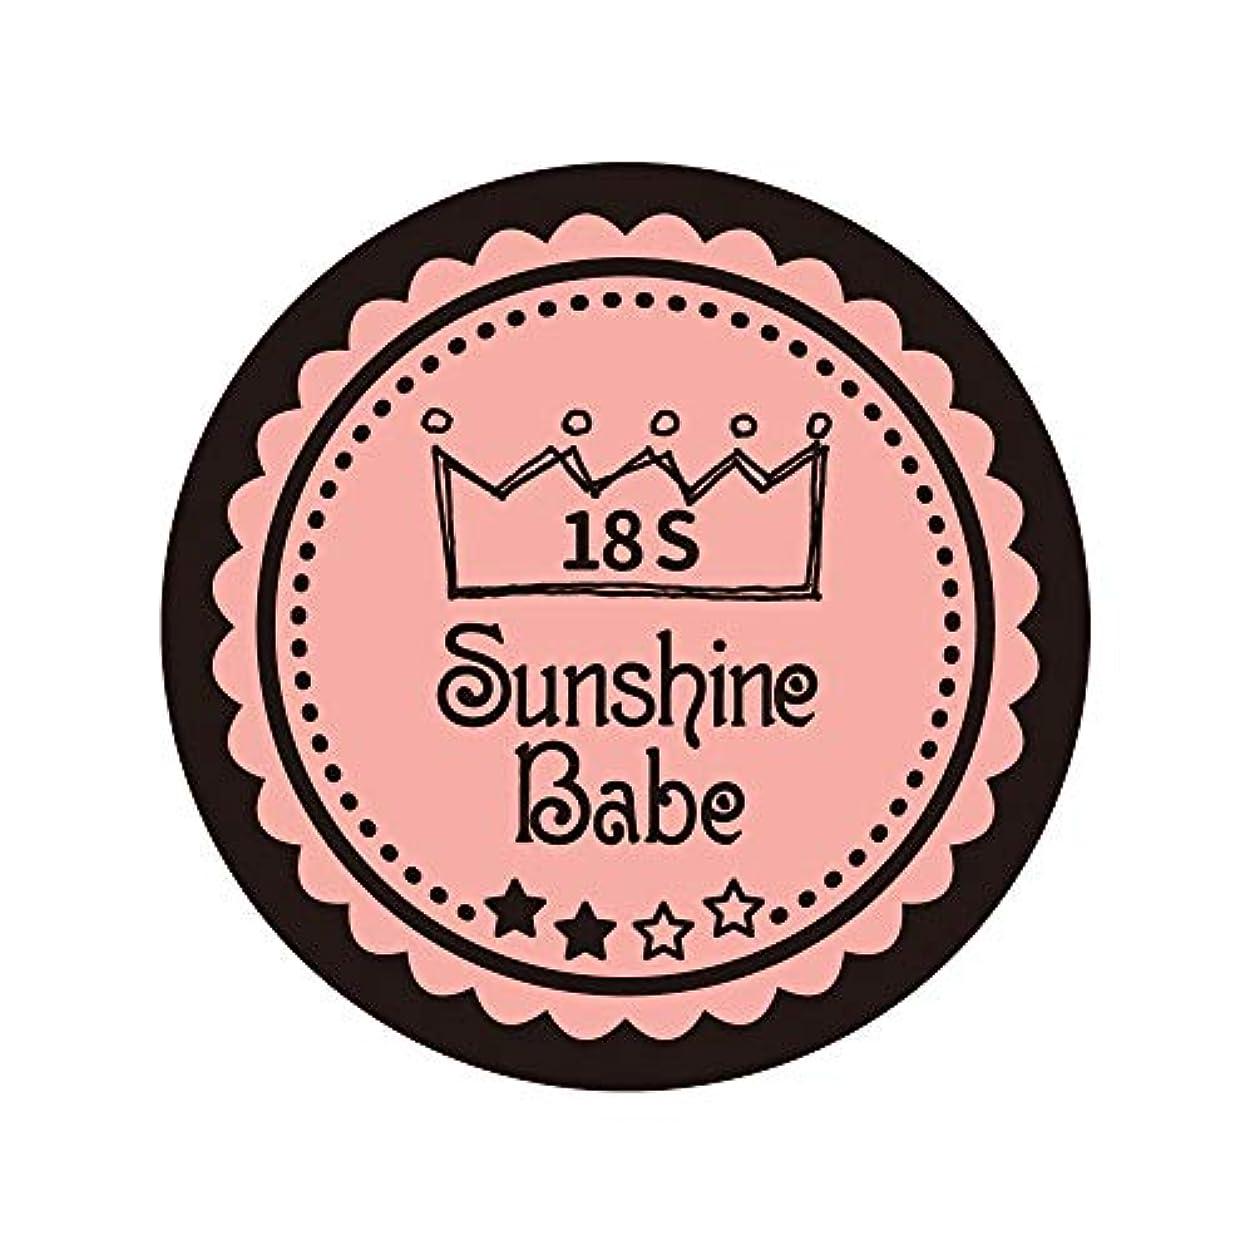 愛撫モーション離れてSunshine Babe コスメティックカラー 18S ロマンティックベリー 4g UV/LED対応